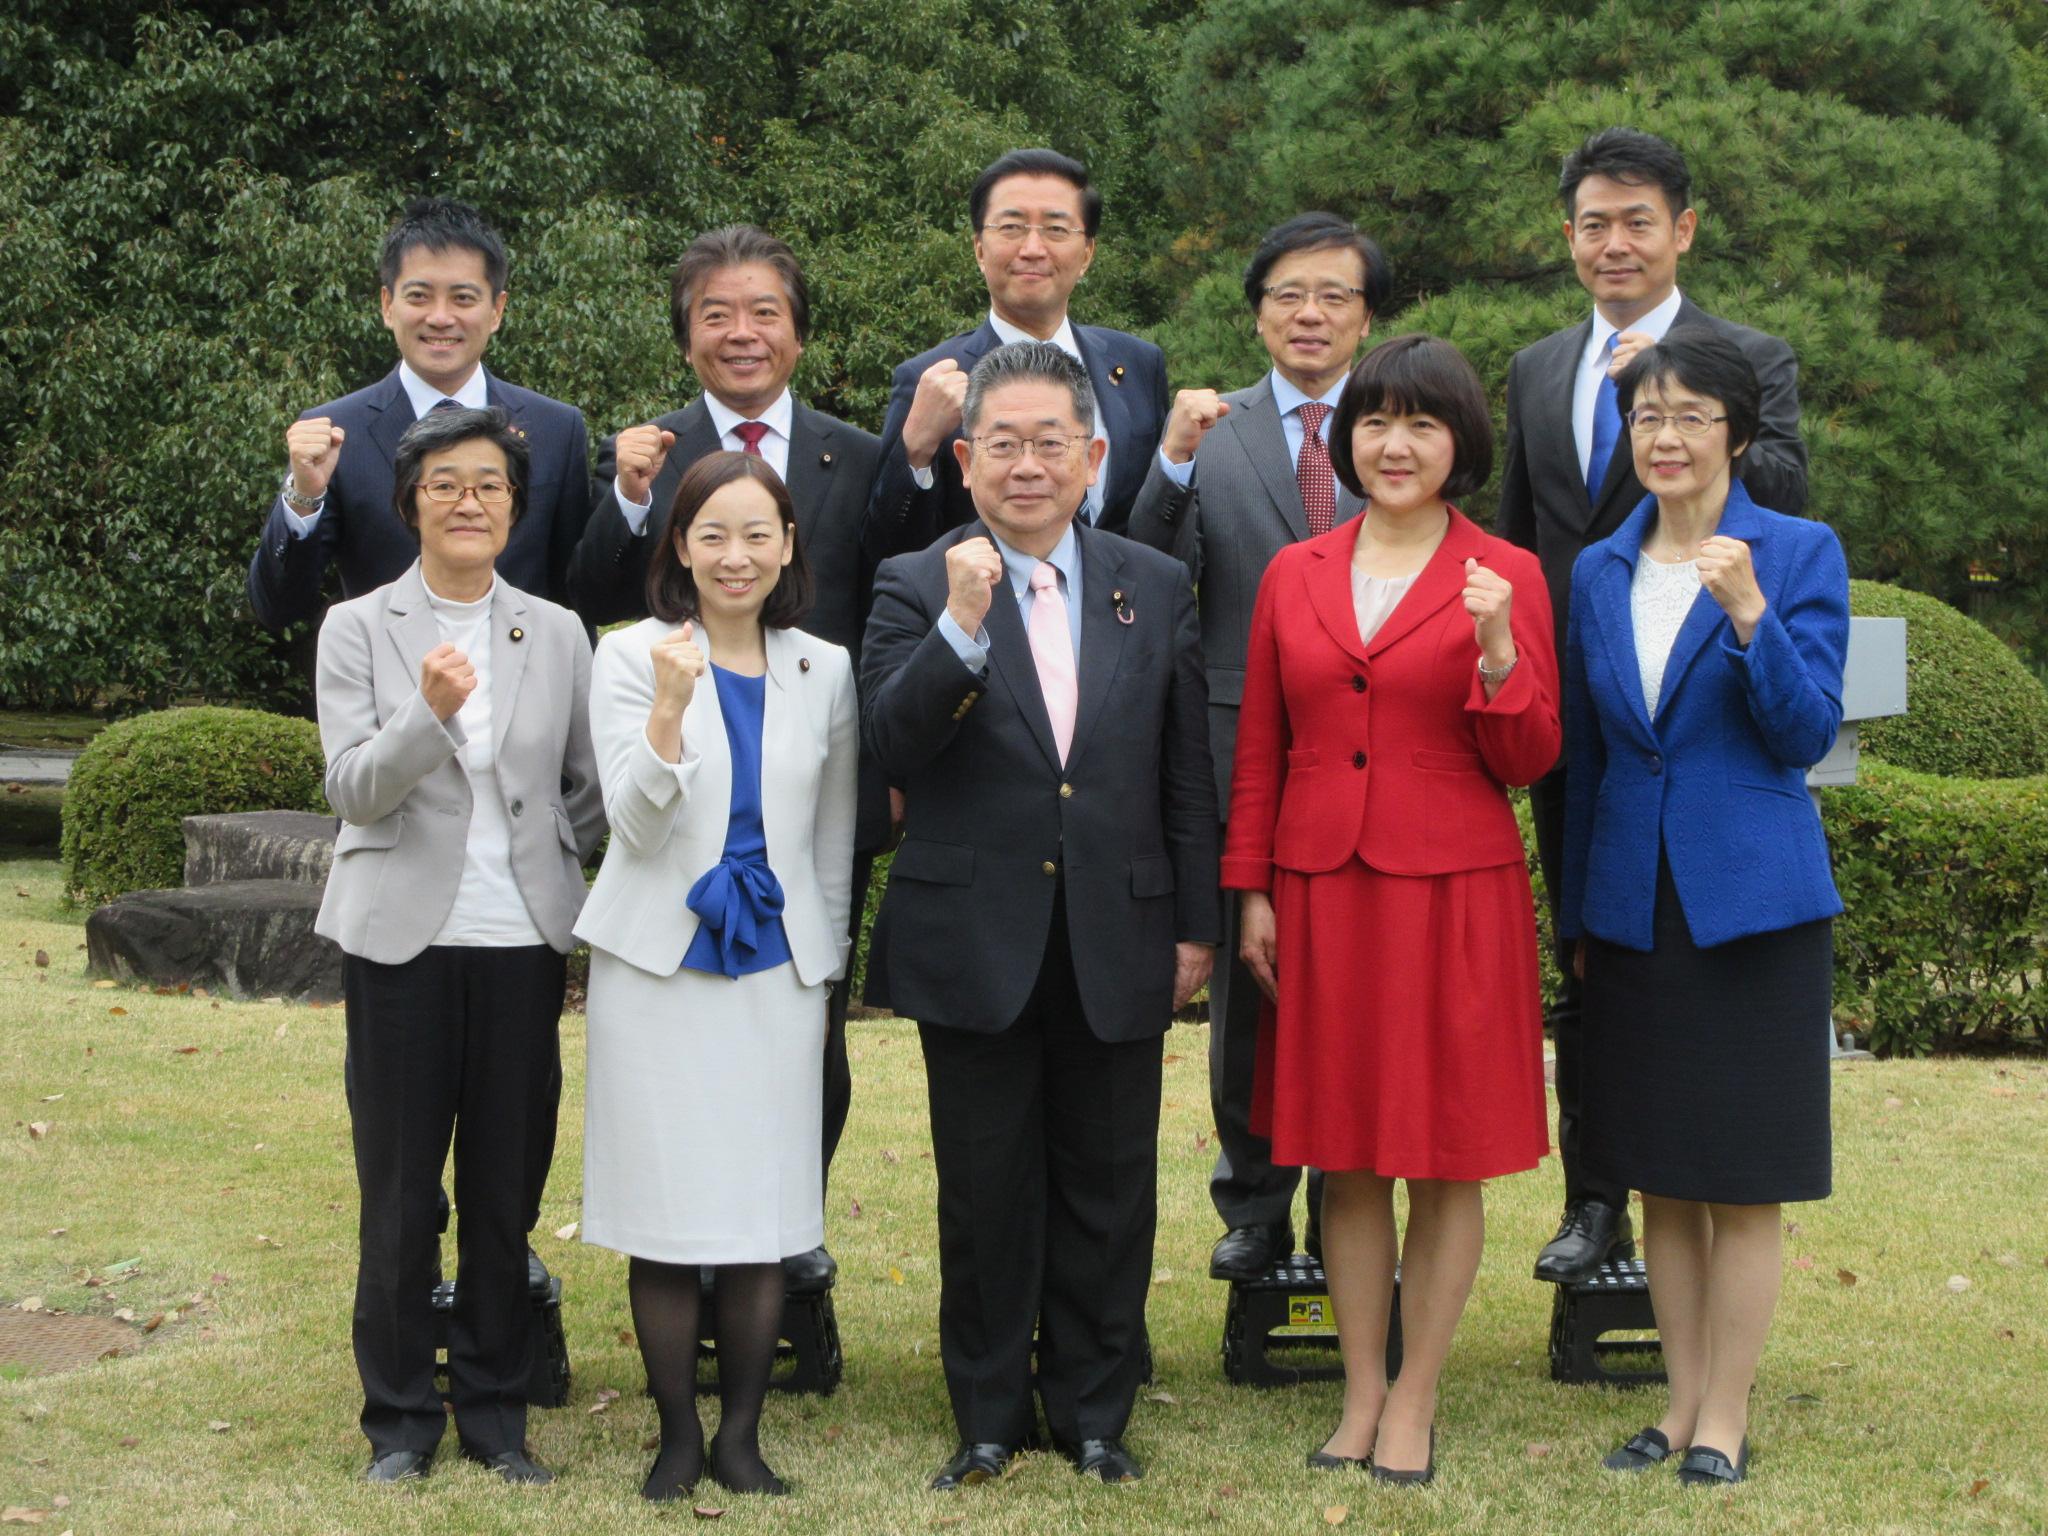 http://www.inoue-satoshi.com/diary/IMG_7274.JPG